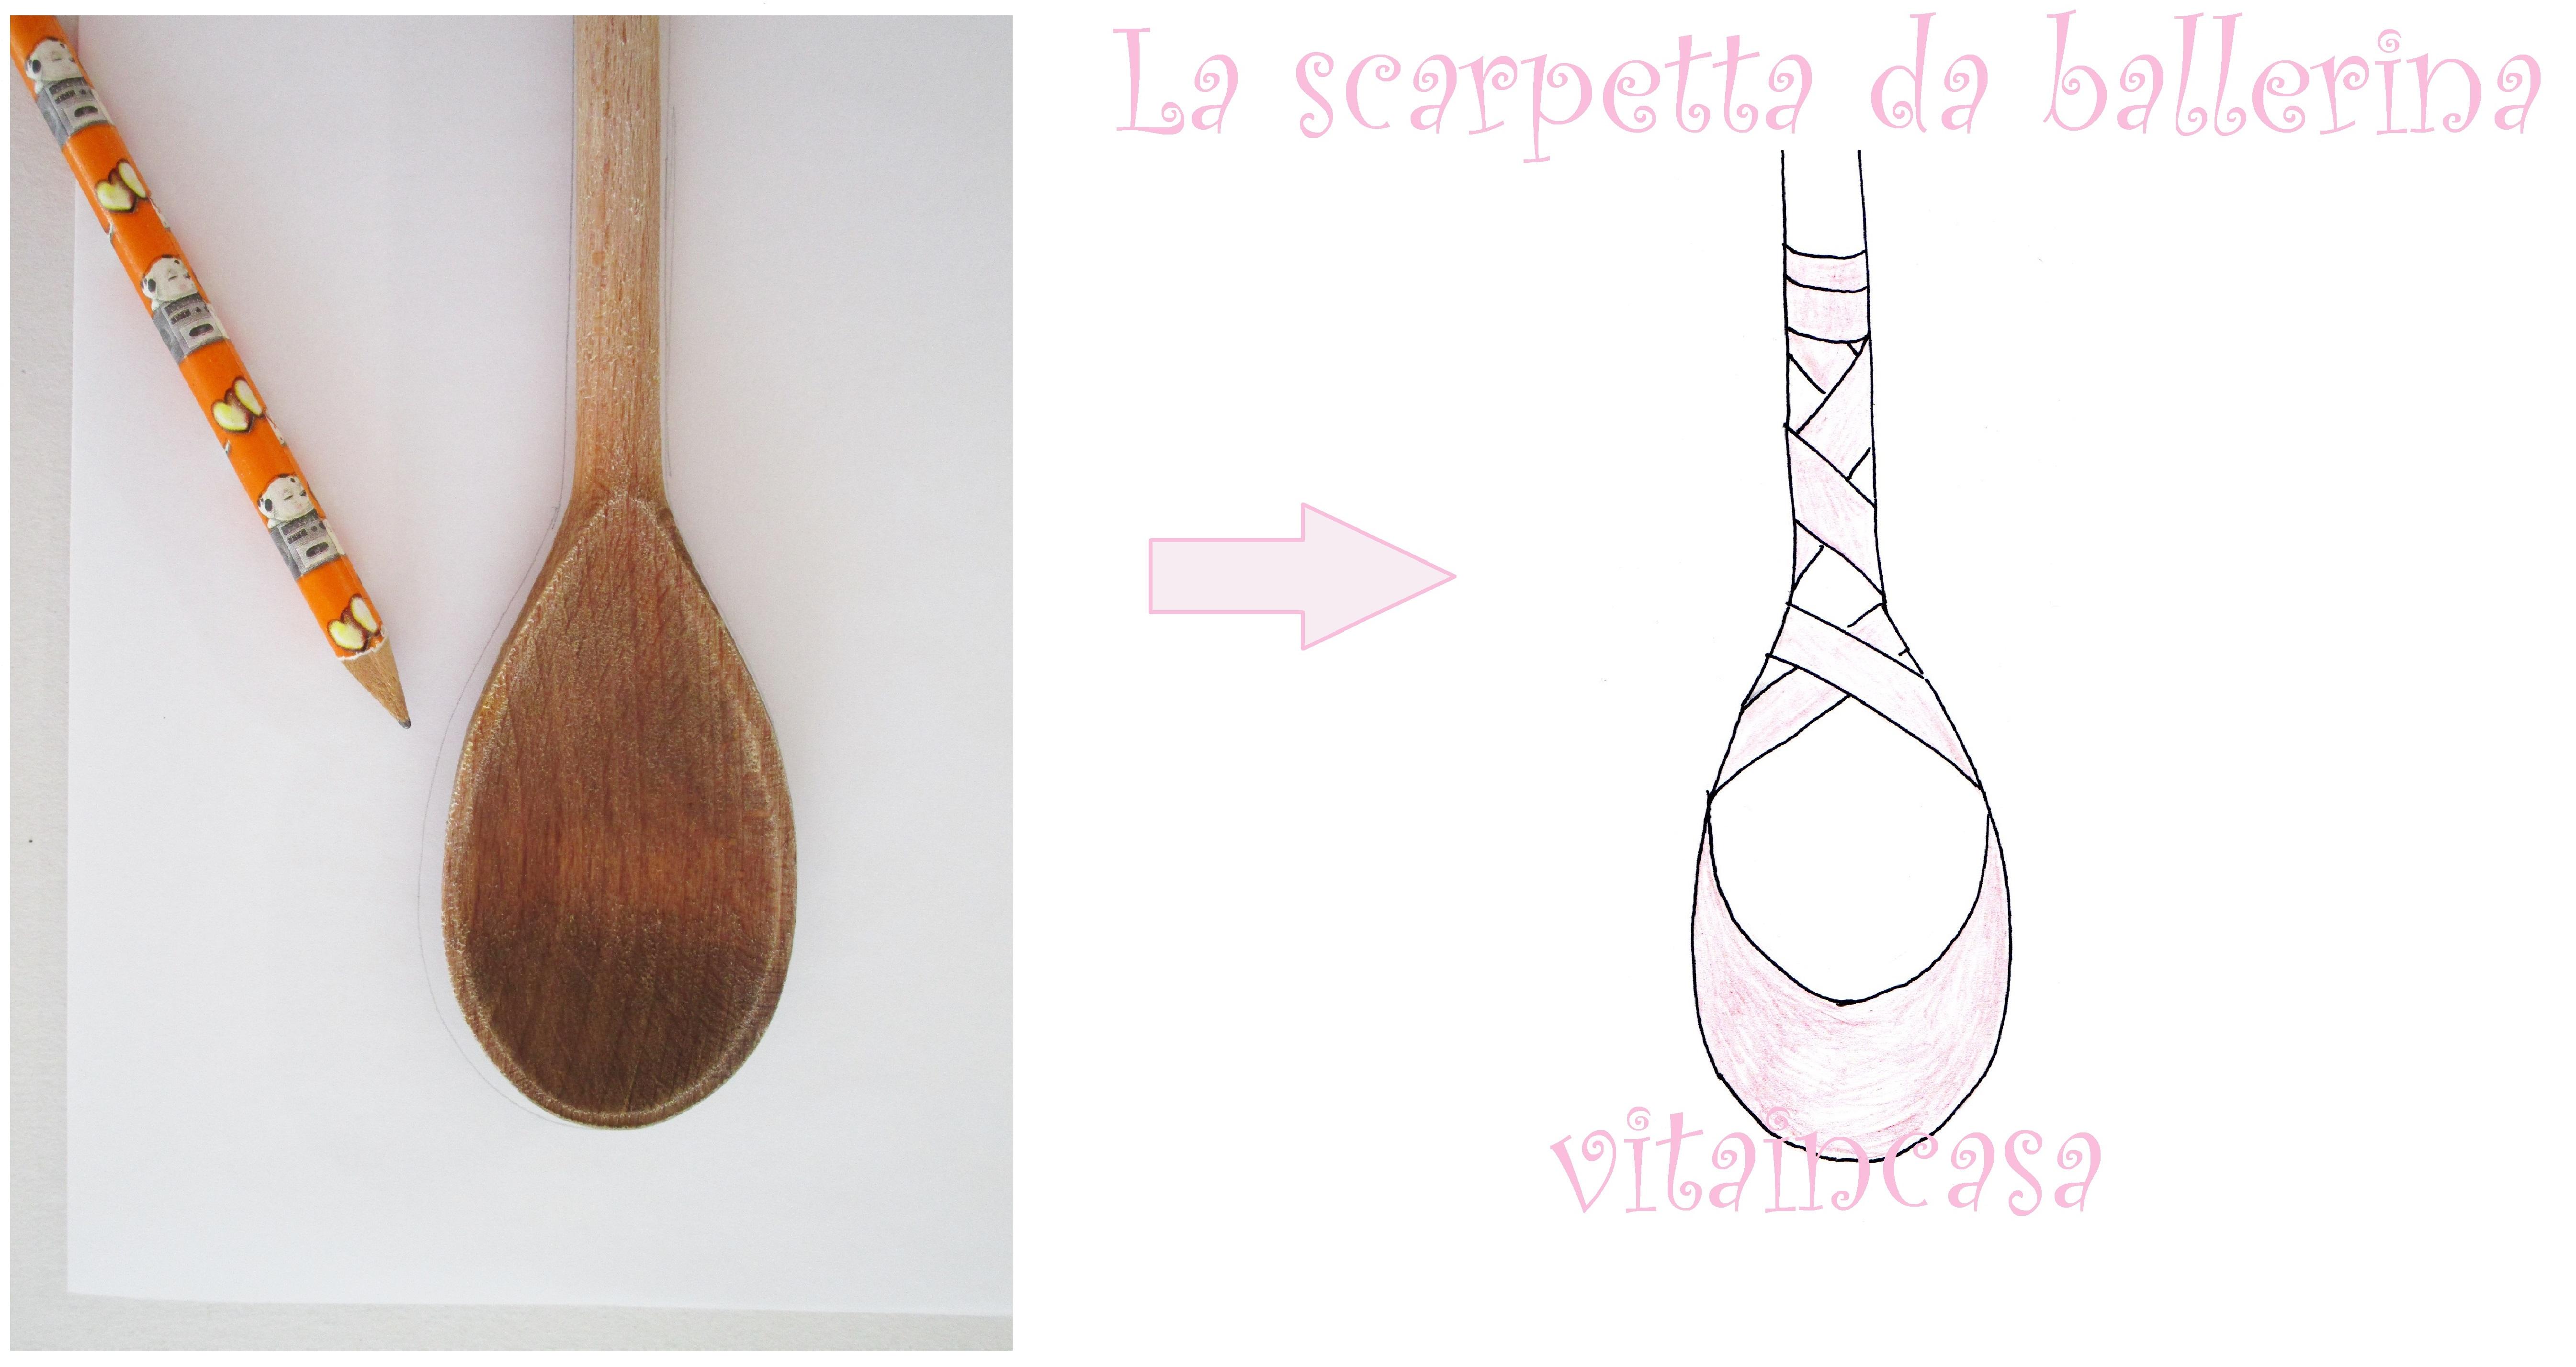 Disegno Di Una Ballerina : Disegni a cucchiaiate la scarpetta da ballerina u vitaincasa